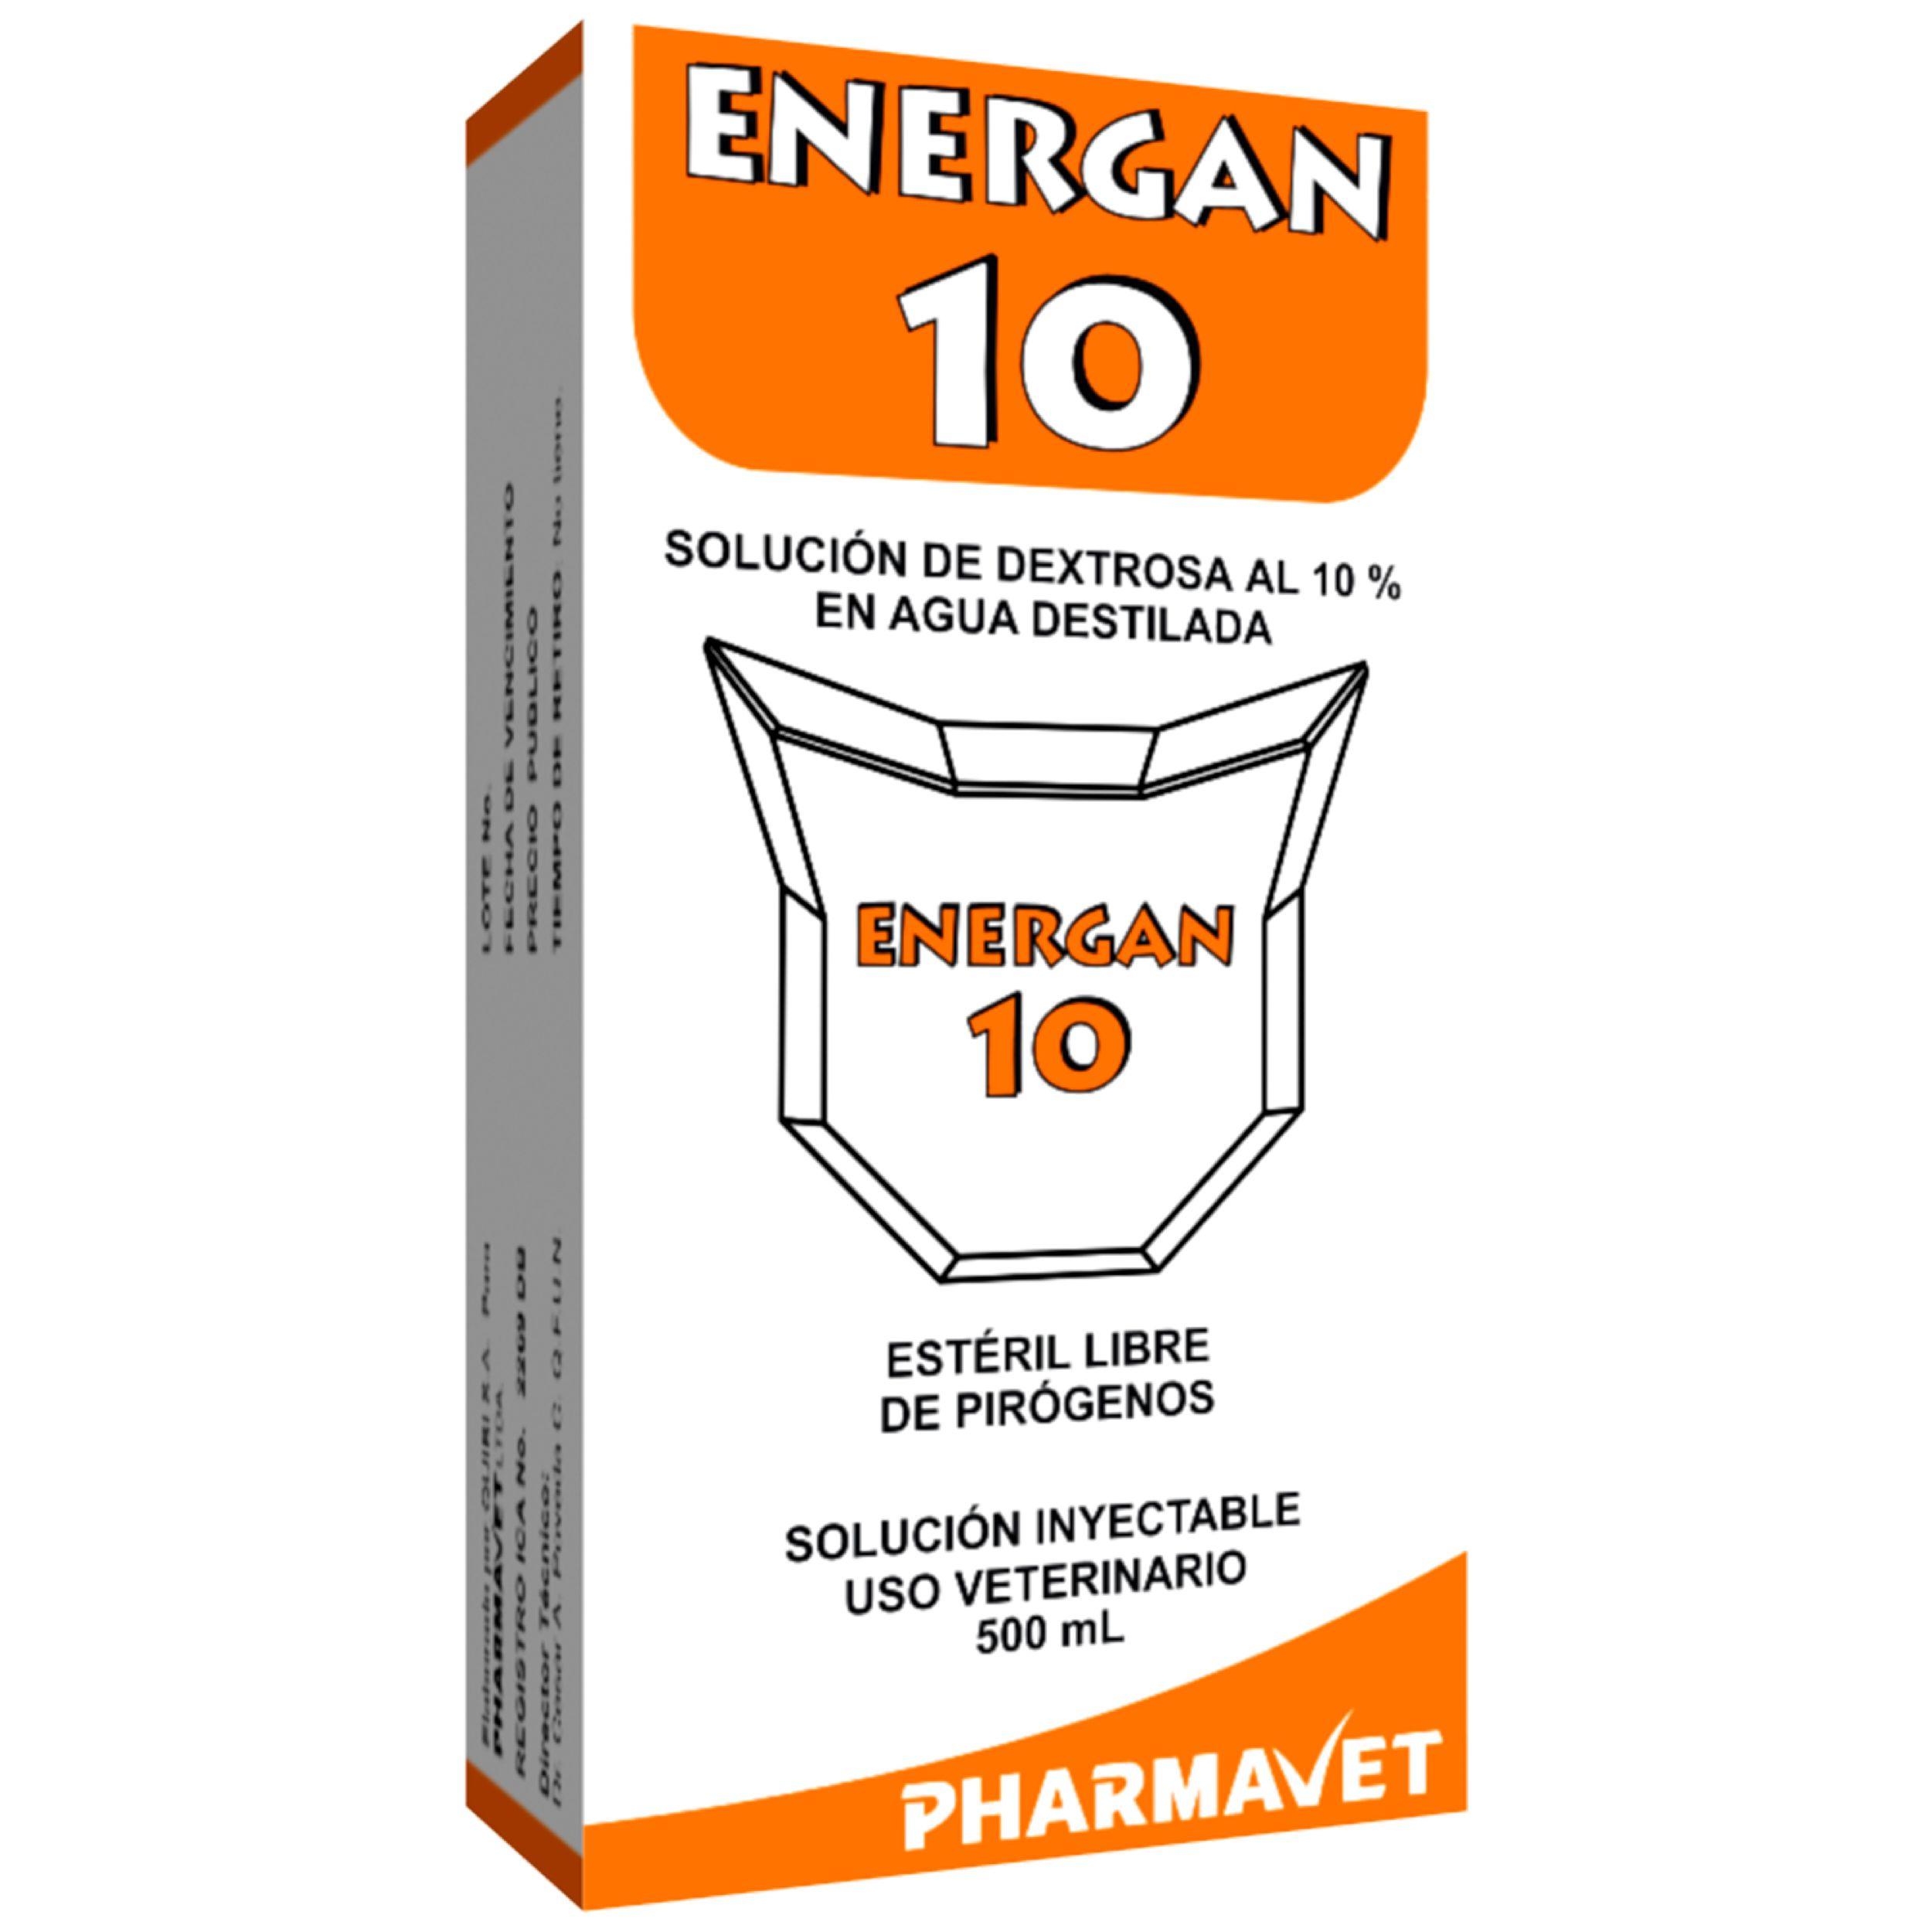 Energan 10